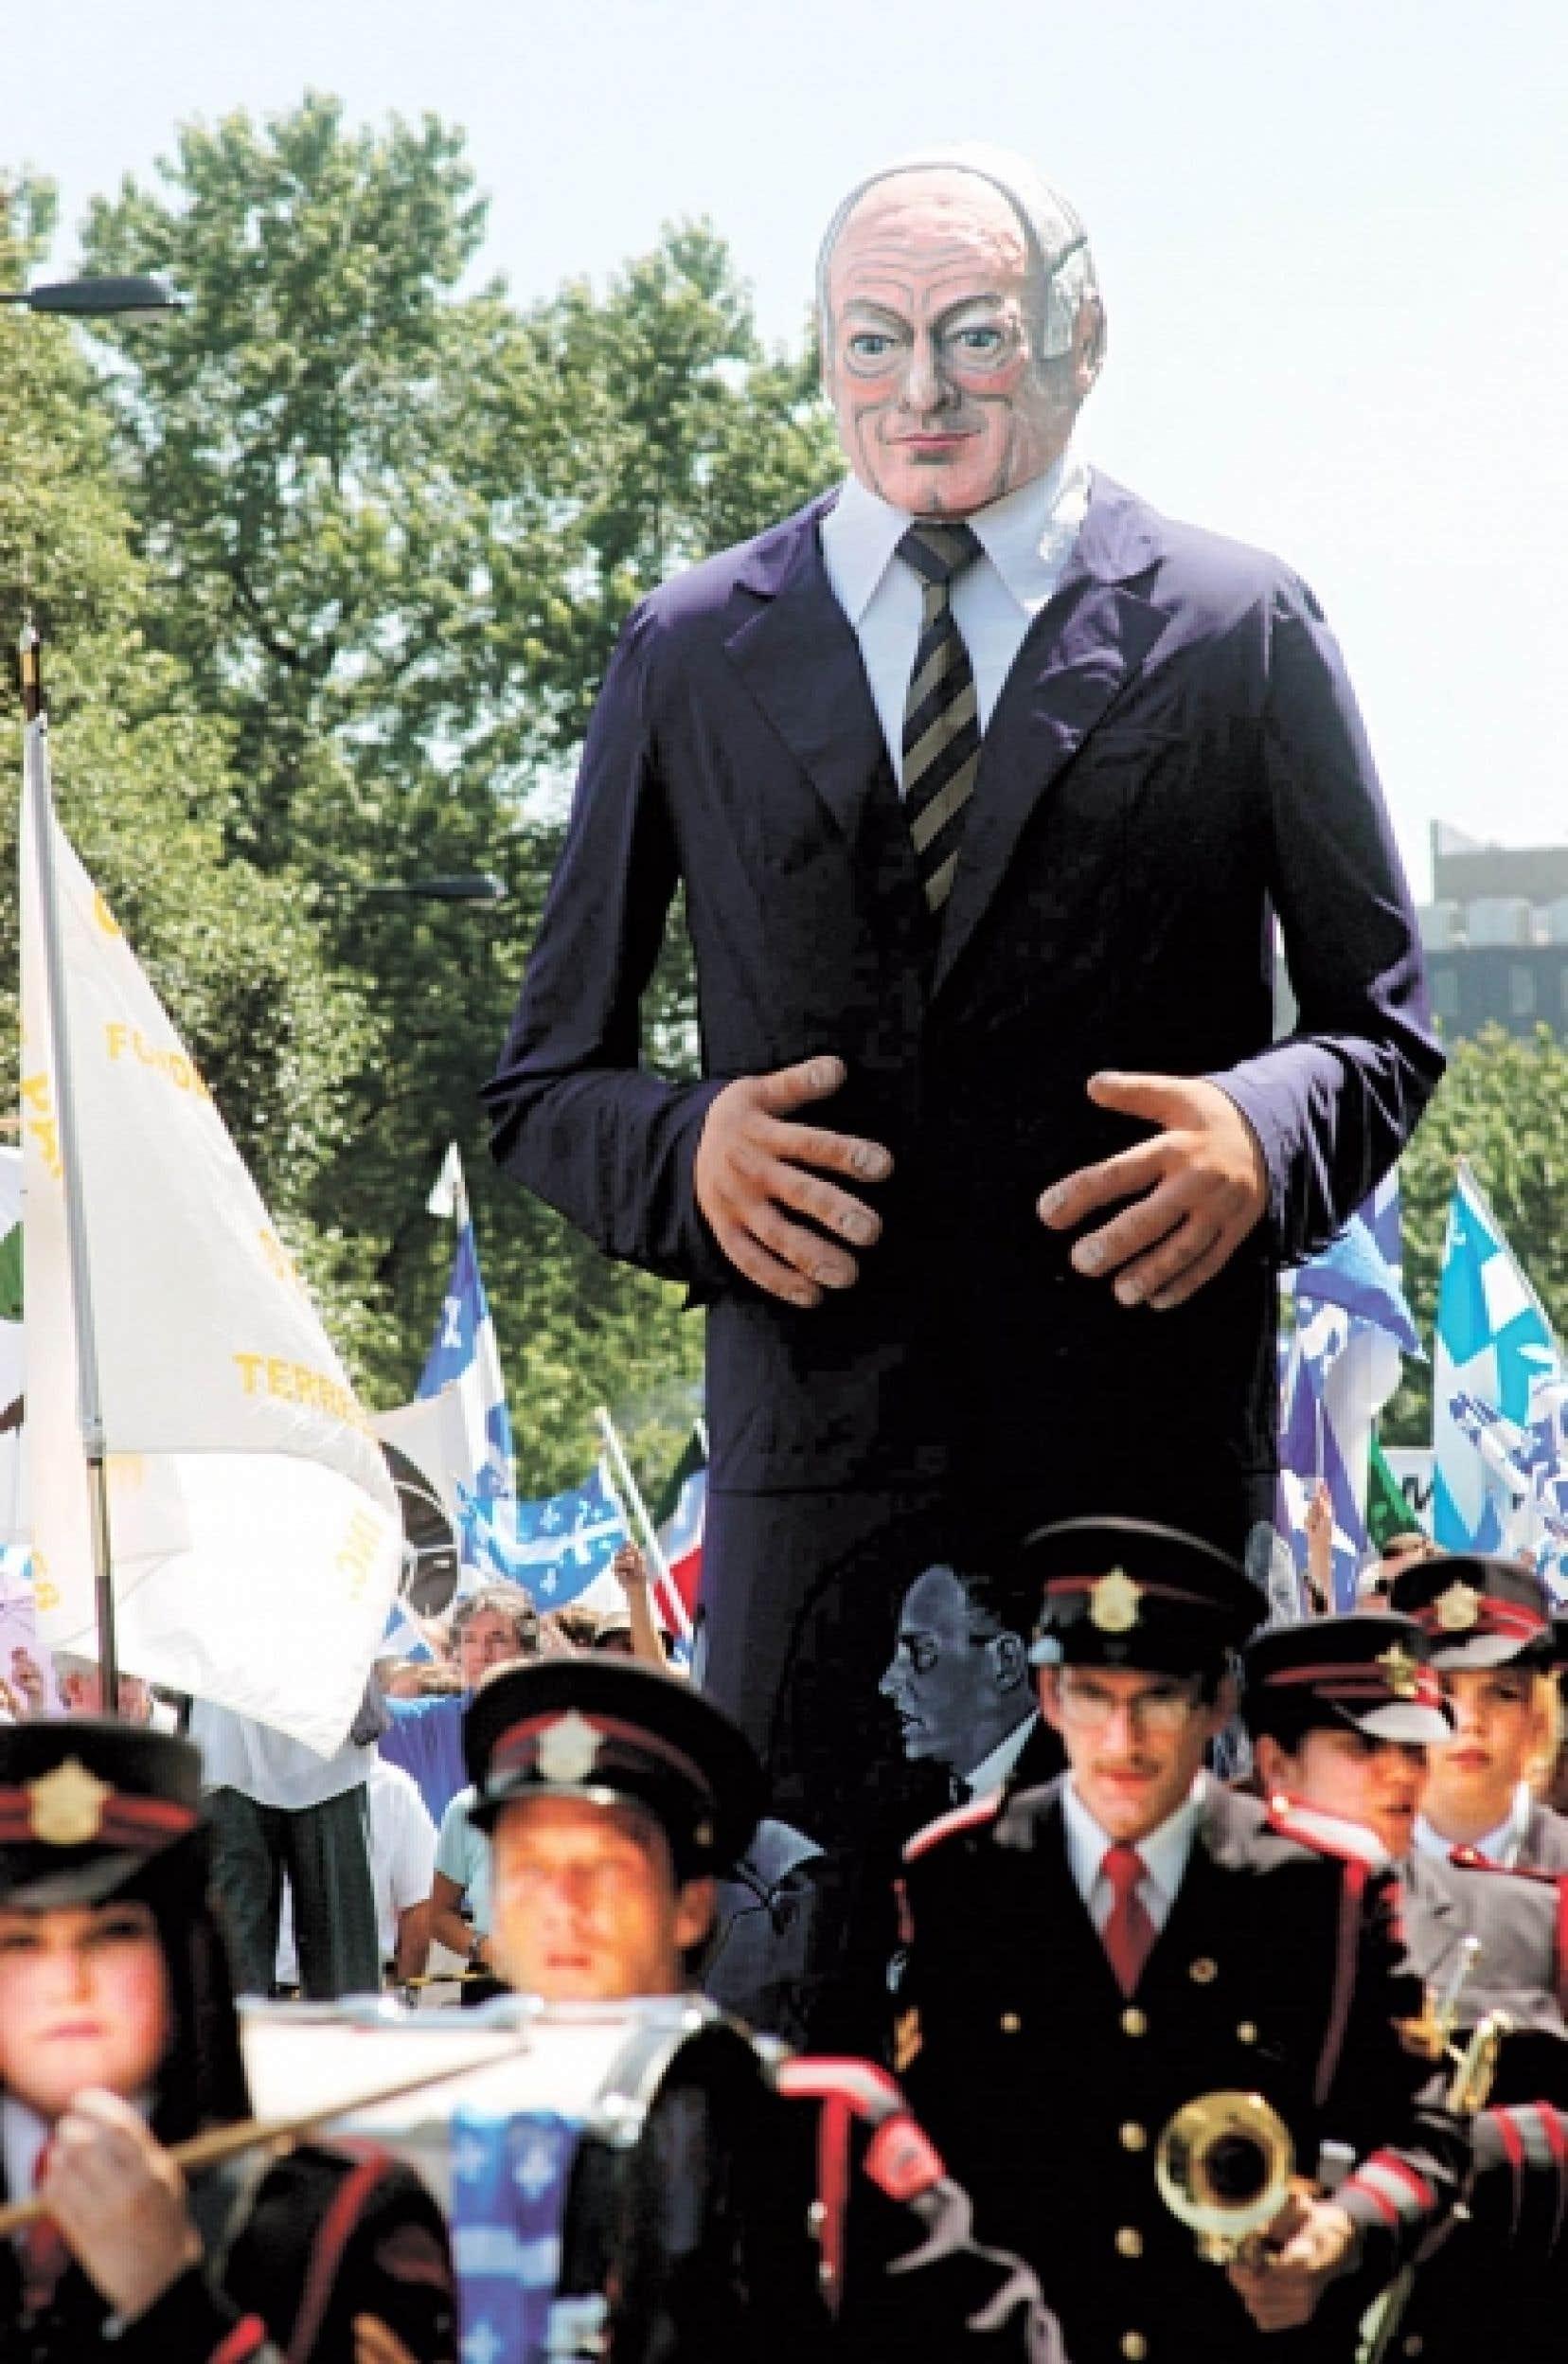 En 2007, le Comité de la Fête nationale intègre les Géants à son traditionnel défilé, soulignant ainsi l'apport de personnages tel René Lévesque à la culture et l'histoire québécoises.<br />